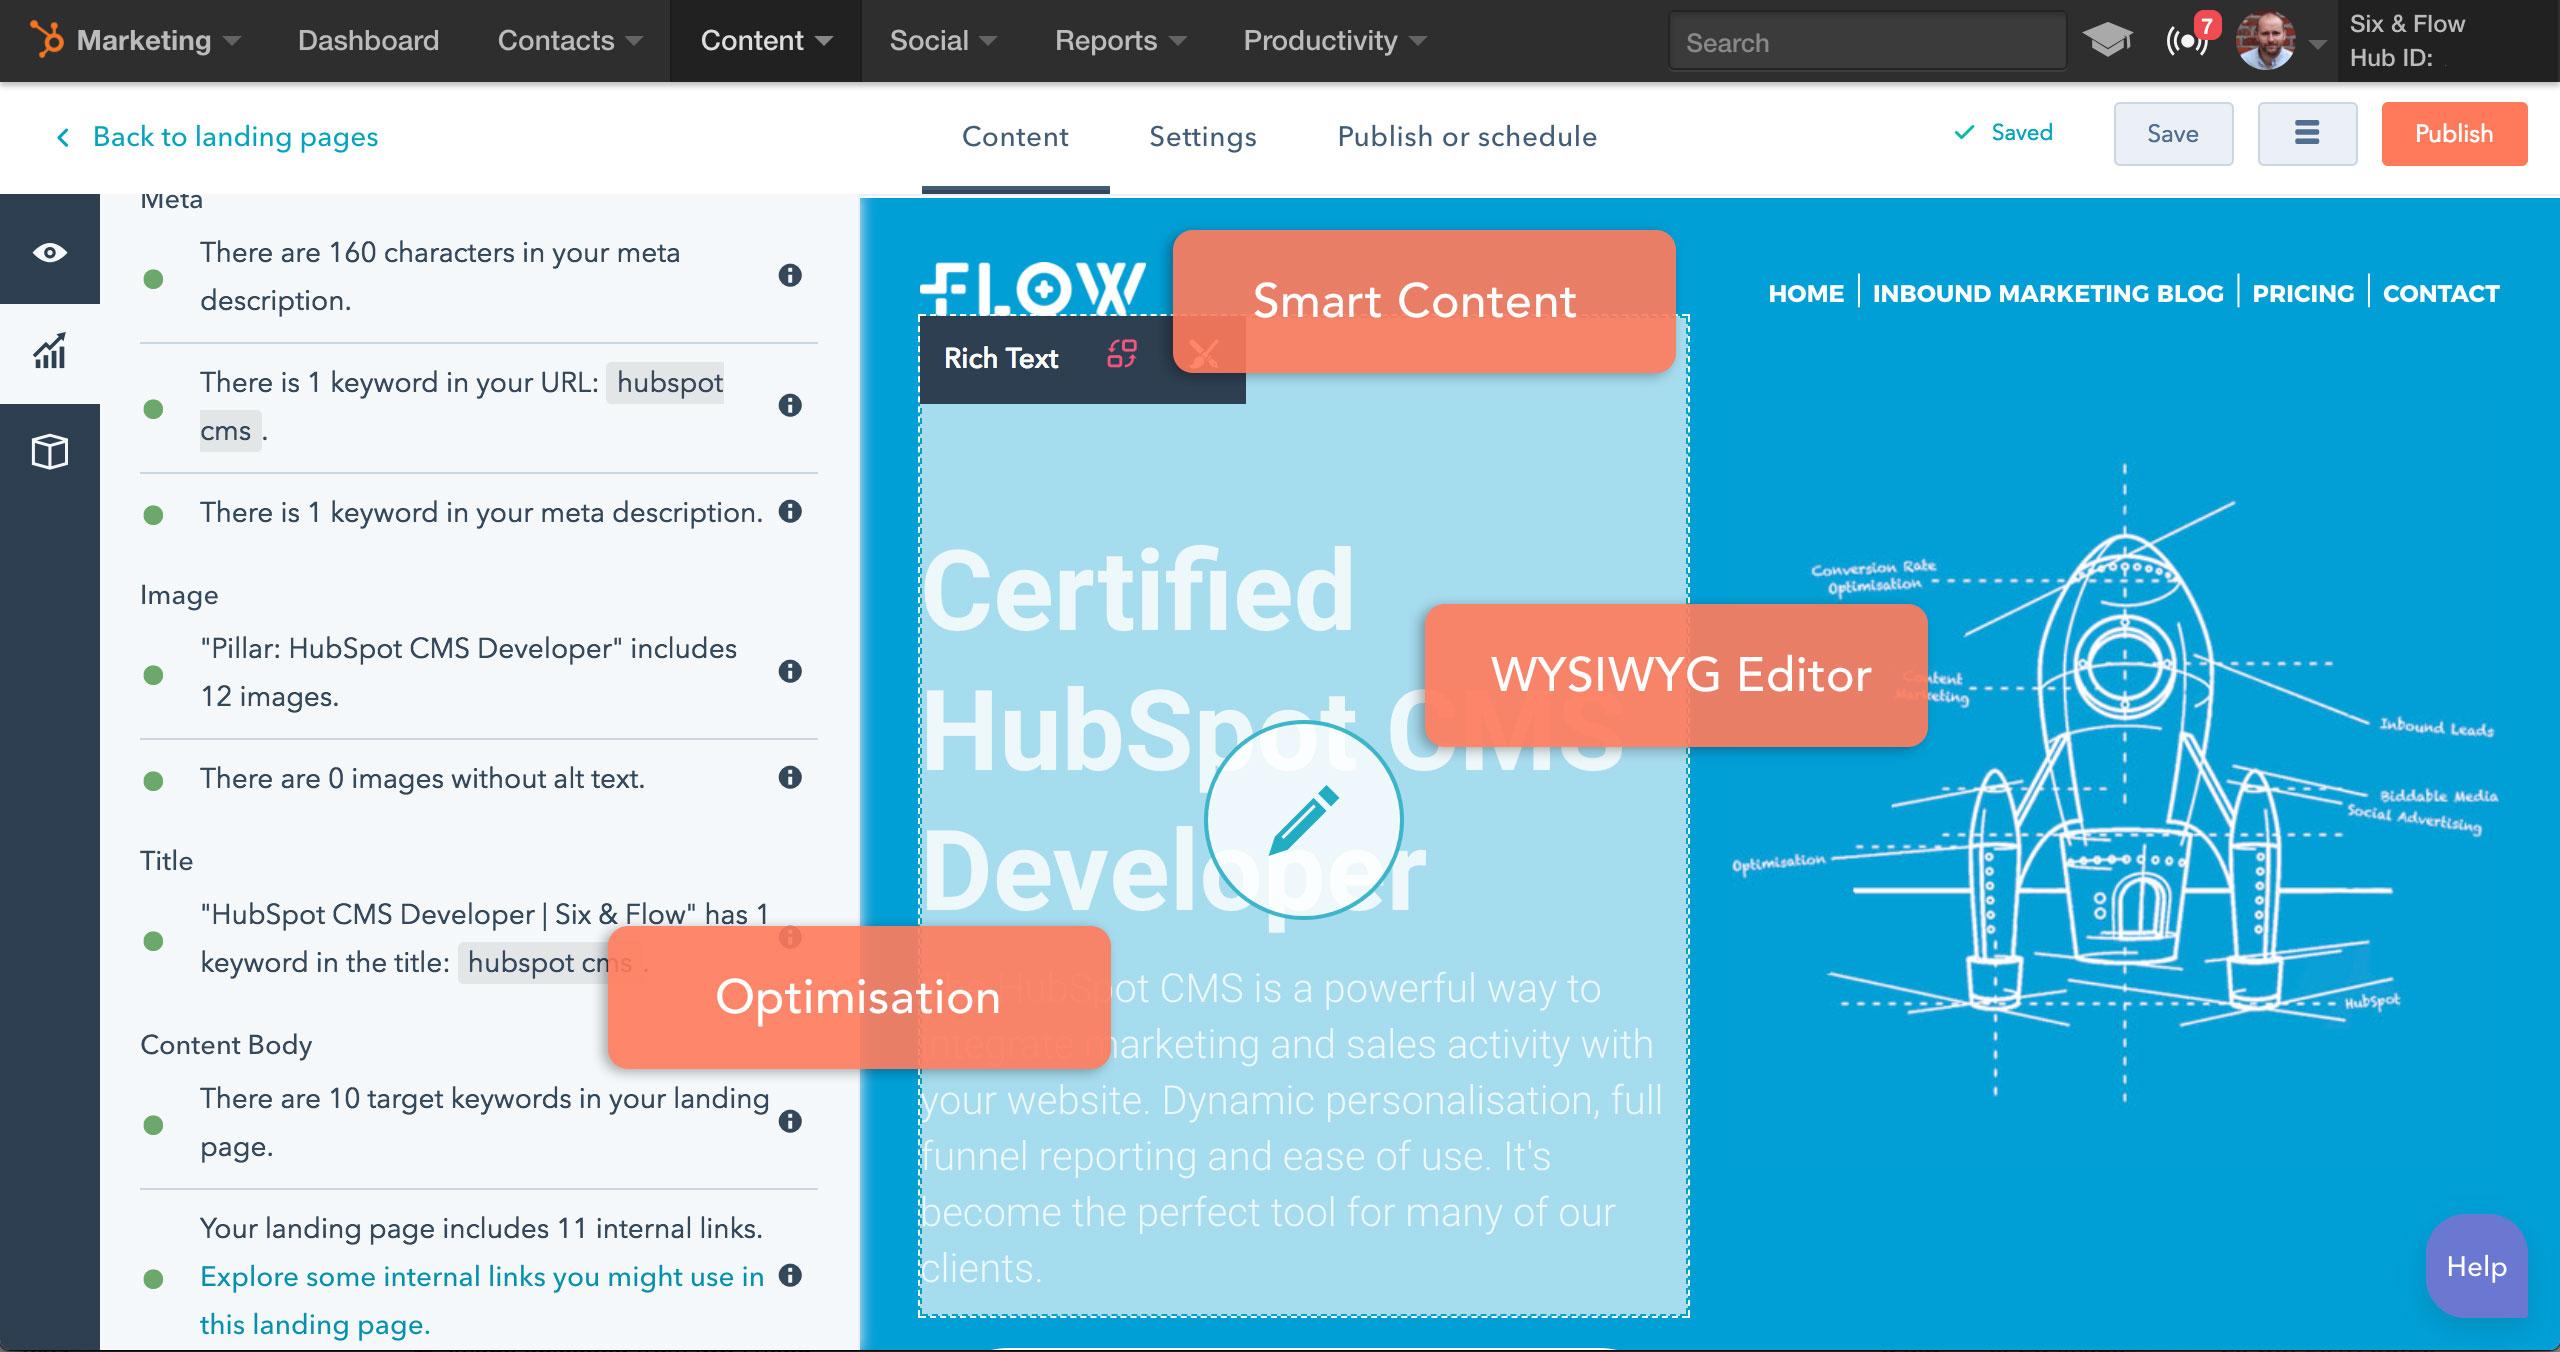 HubSpot CMS Developer